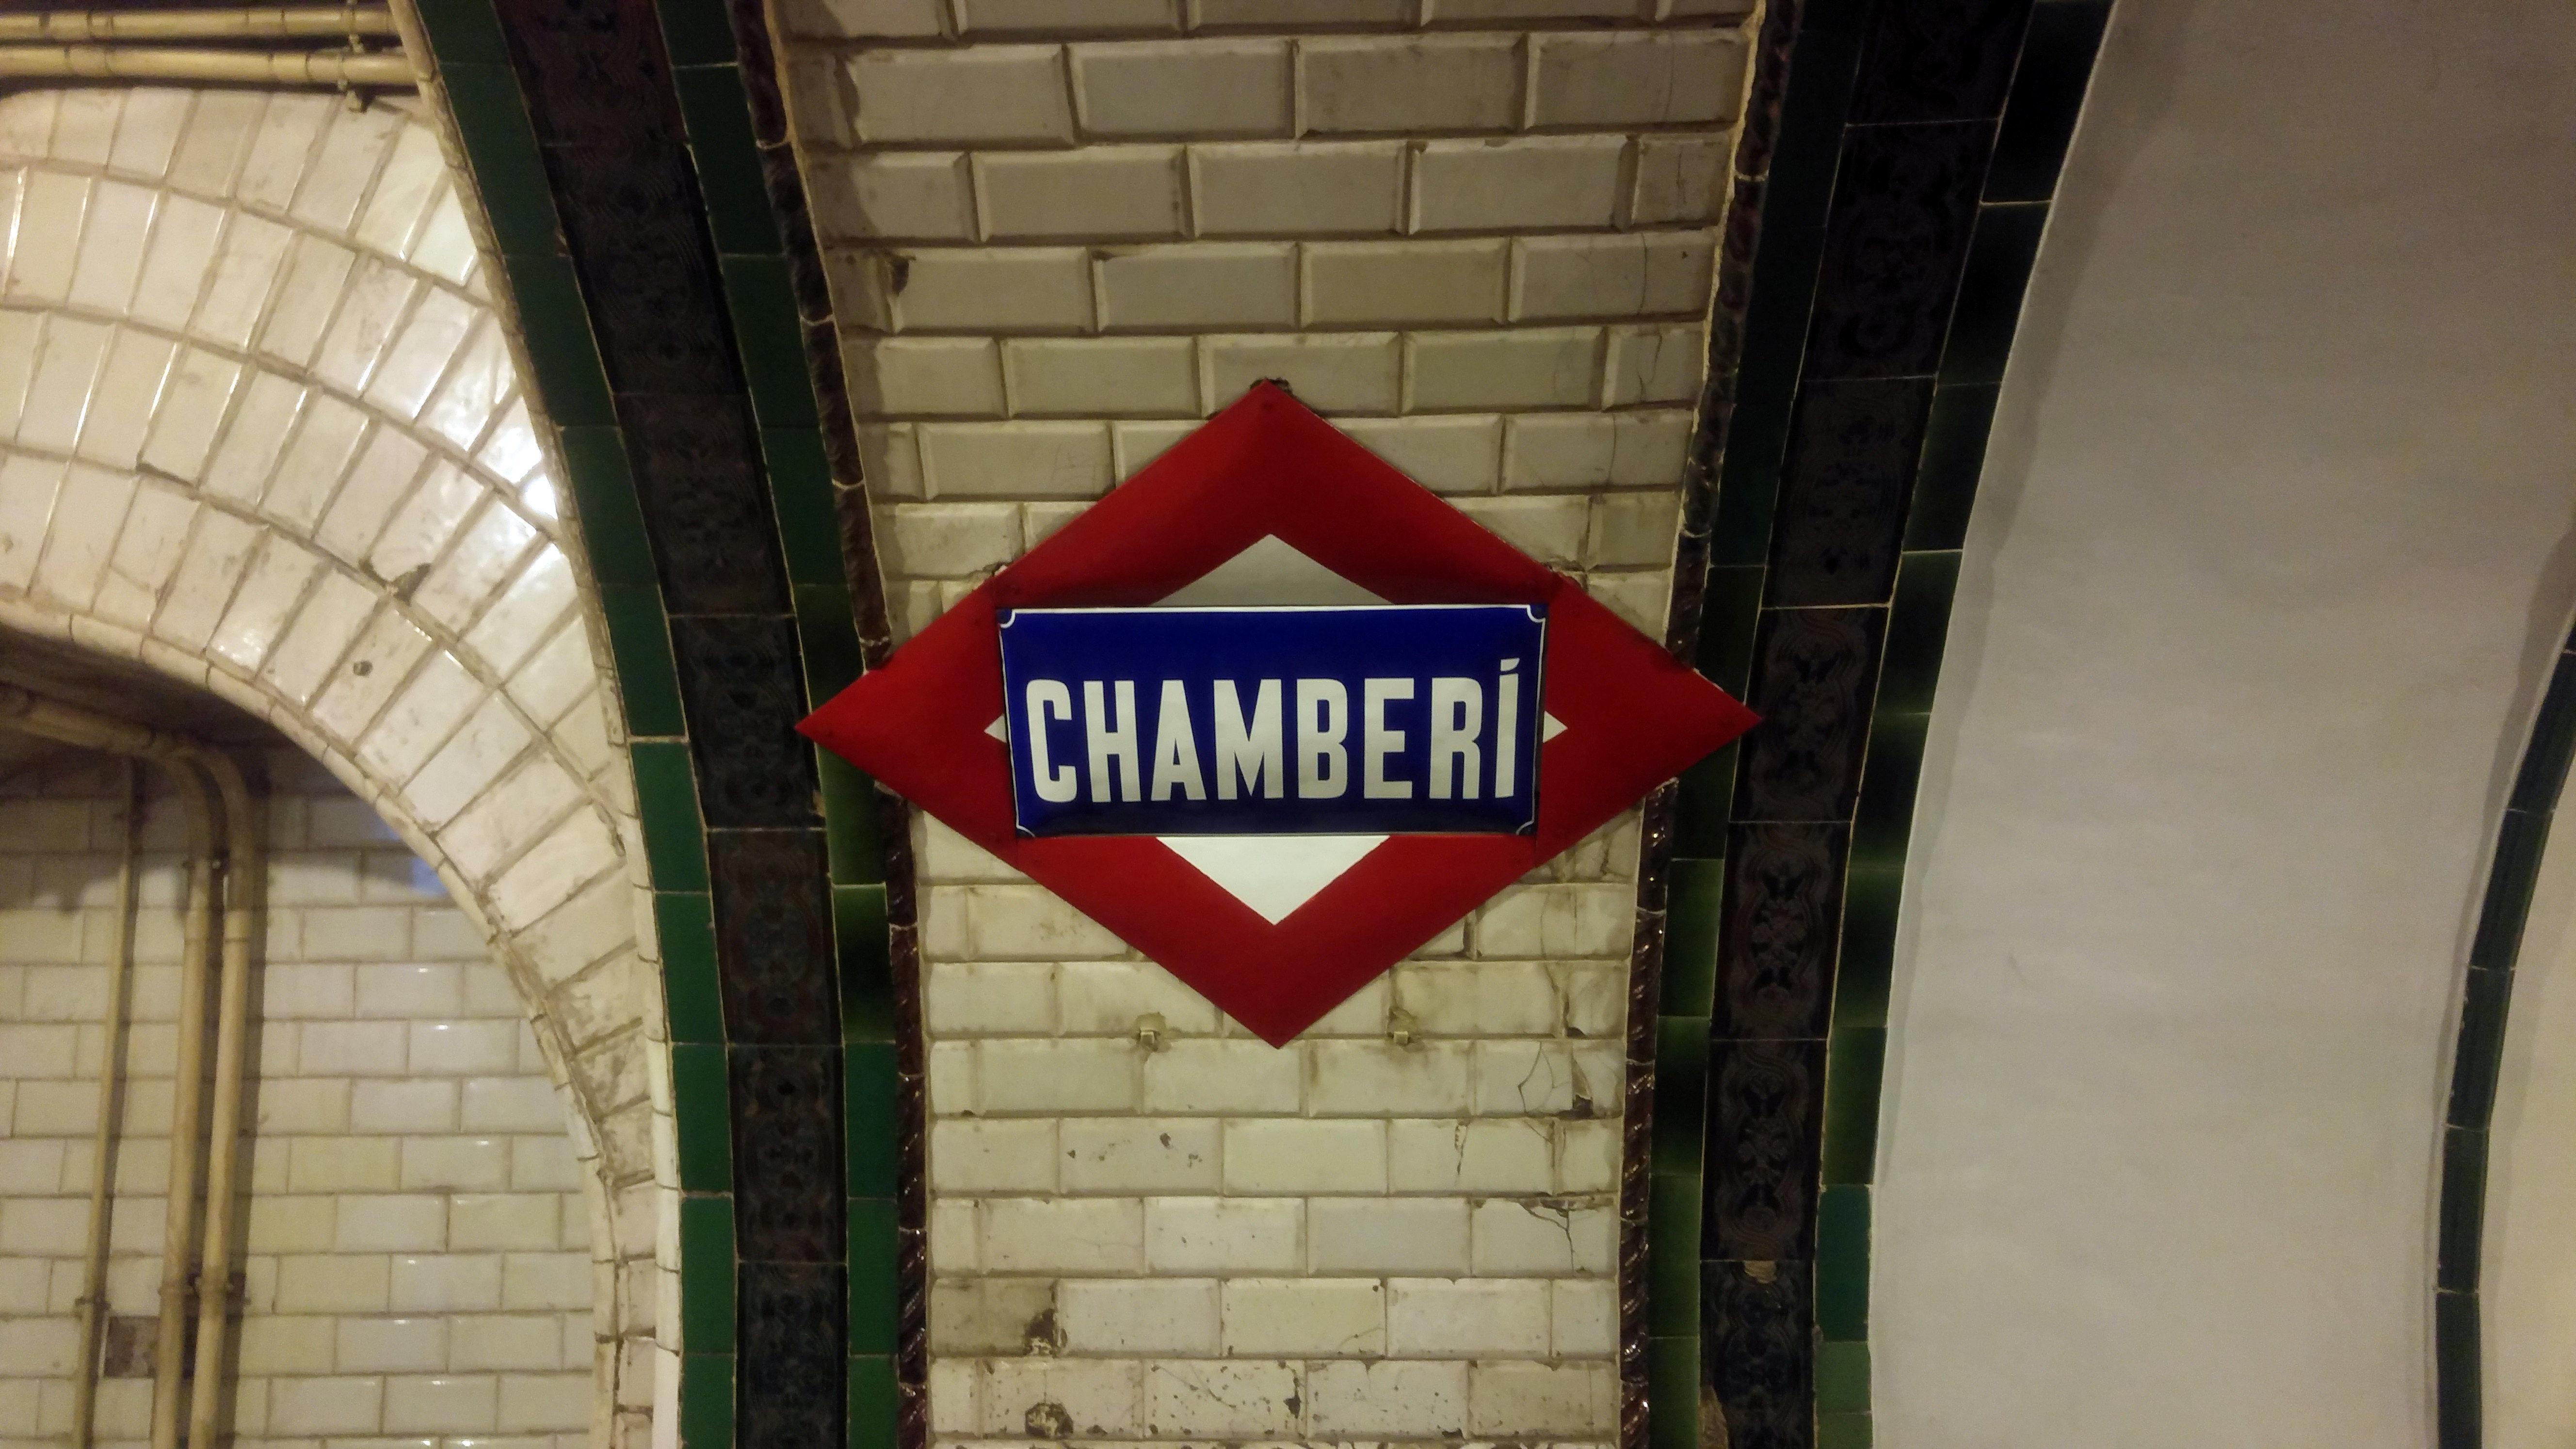 El Andén 0 de la Estación de Chamberí